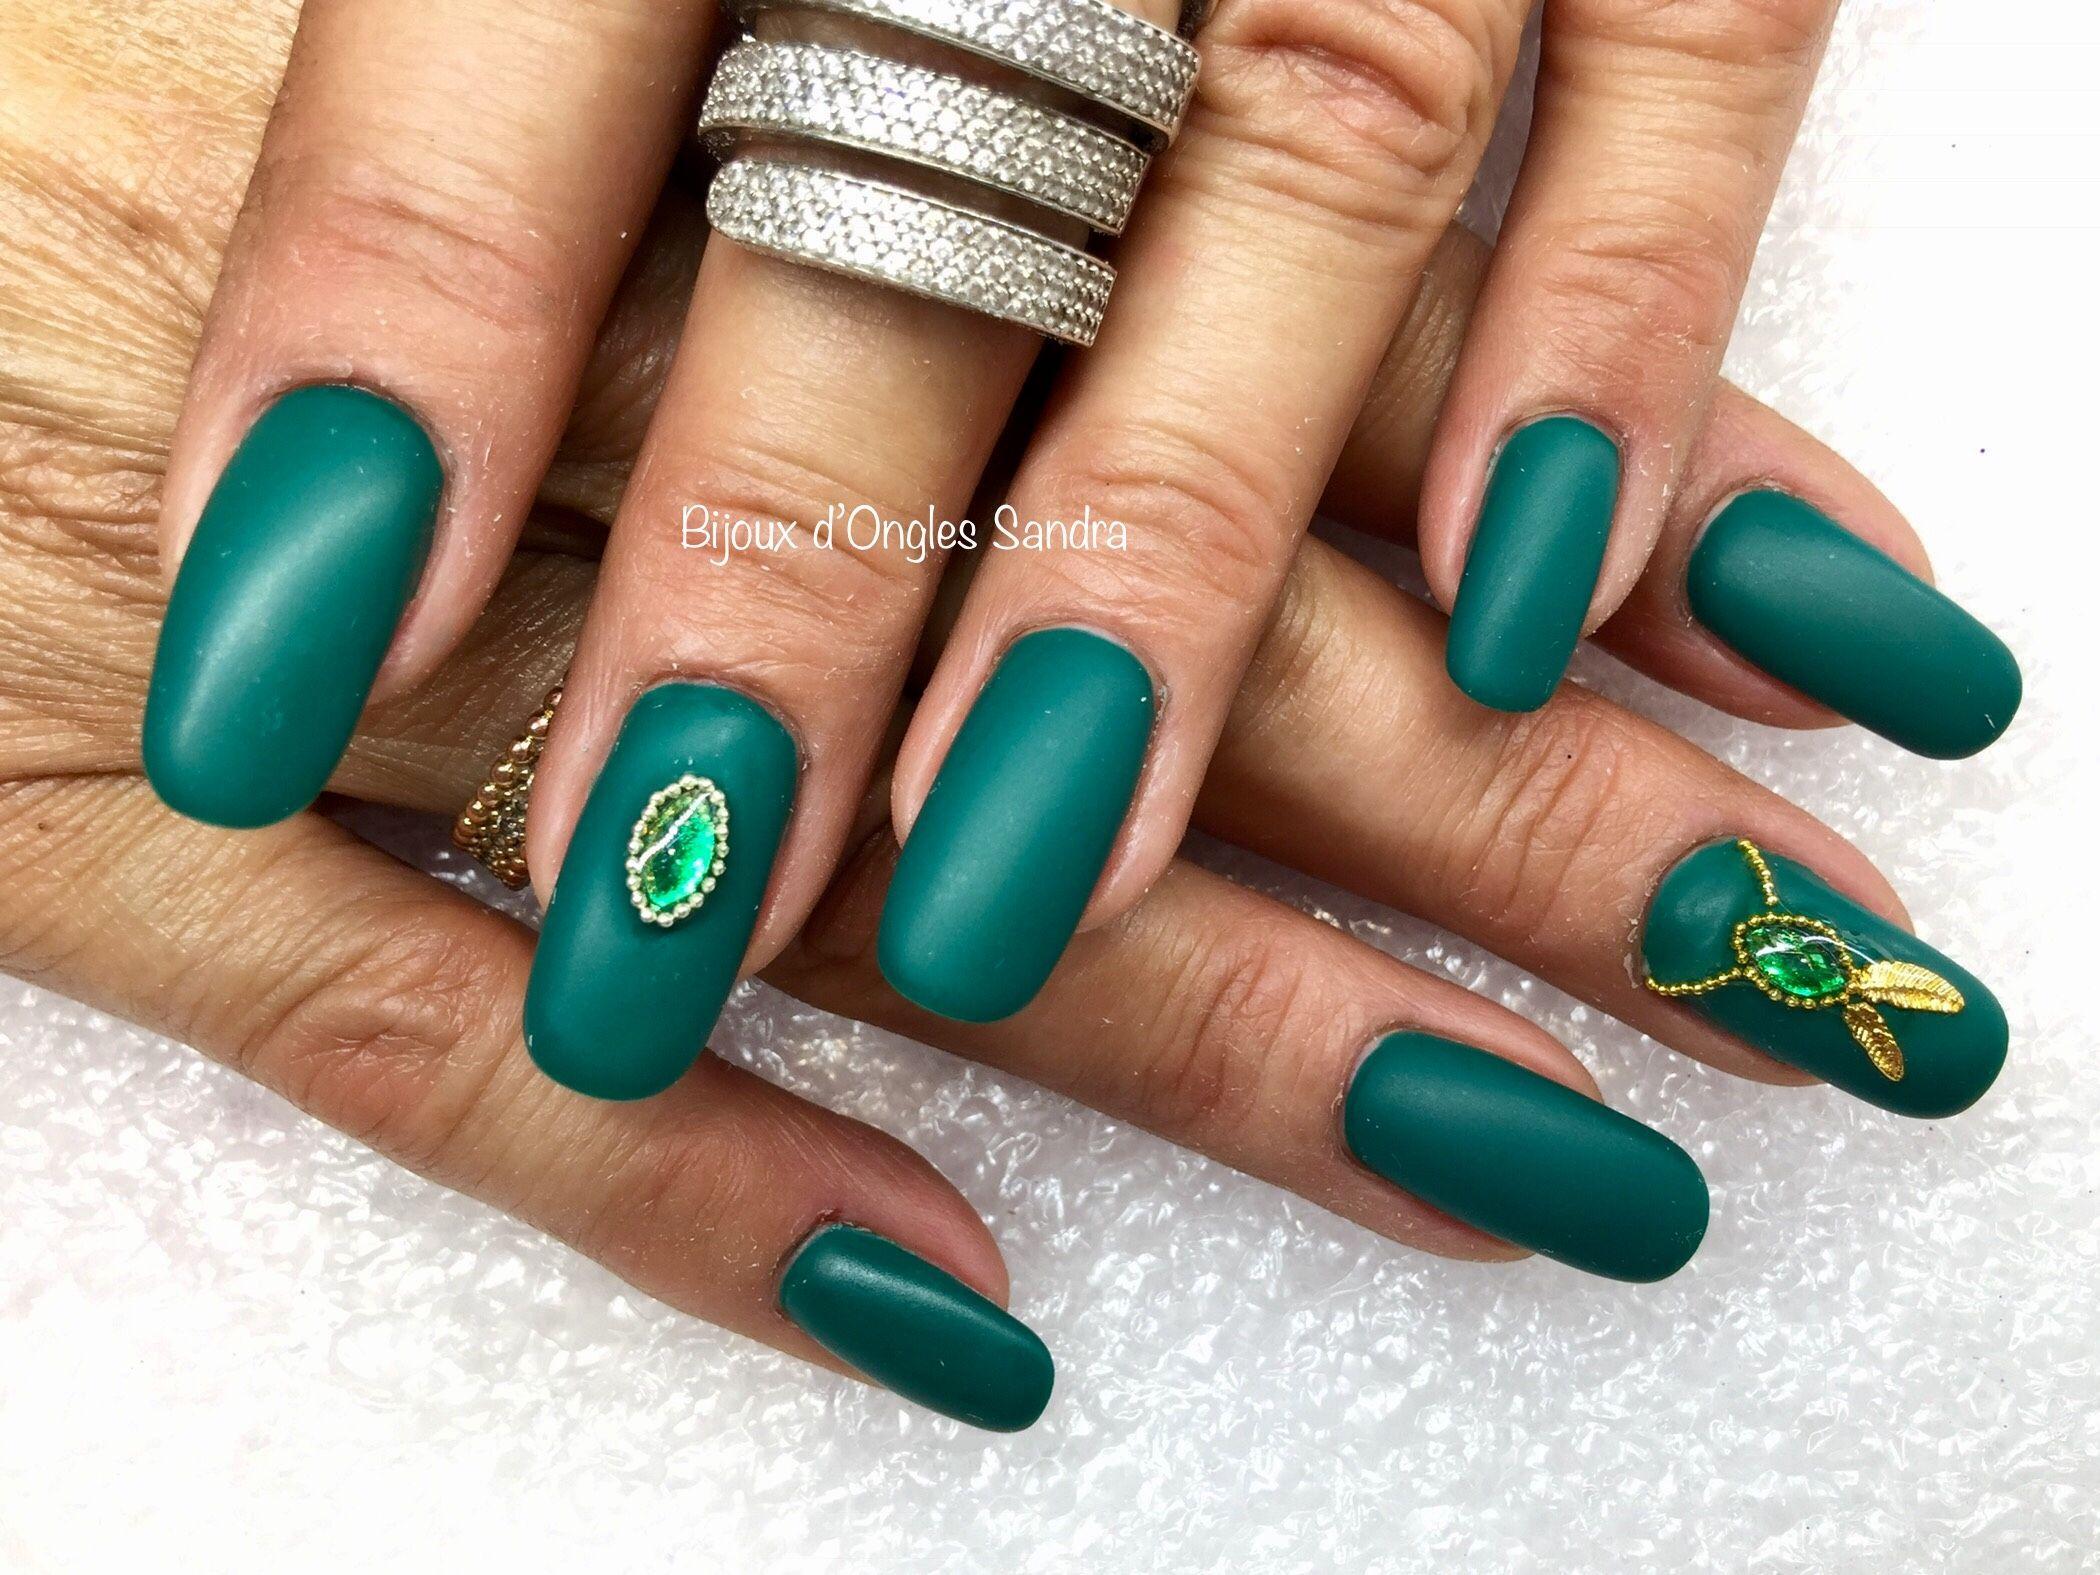 Ongles résine avec gel vert sapin mat et bijoux émeraude